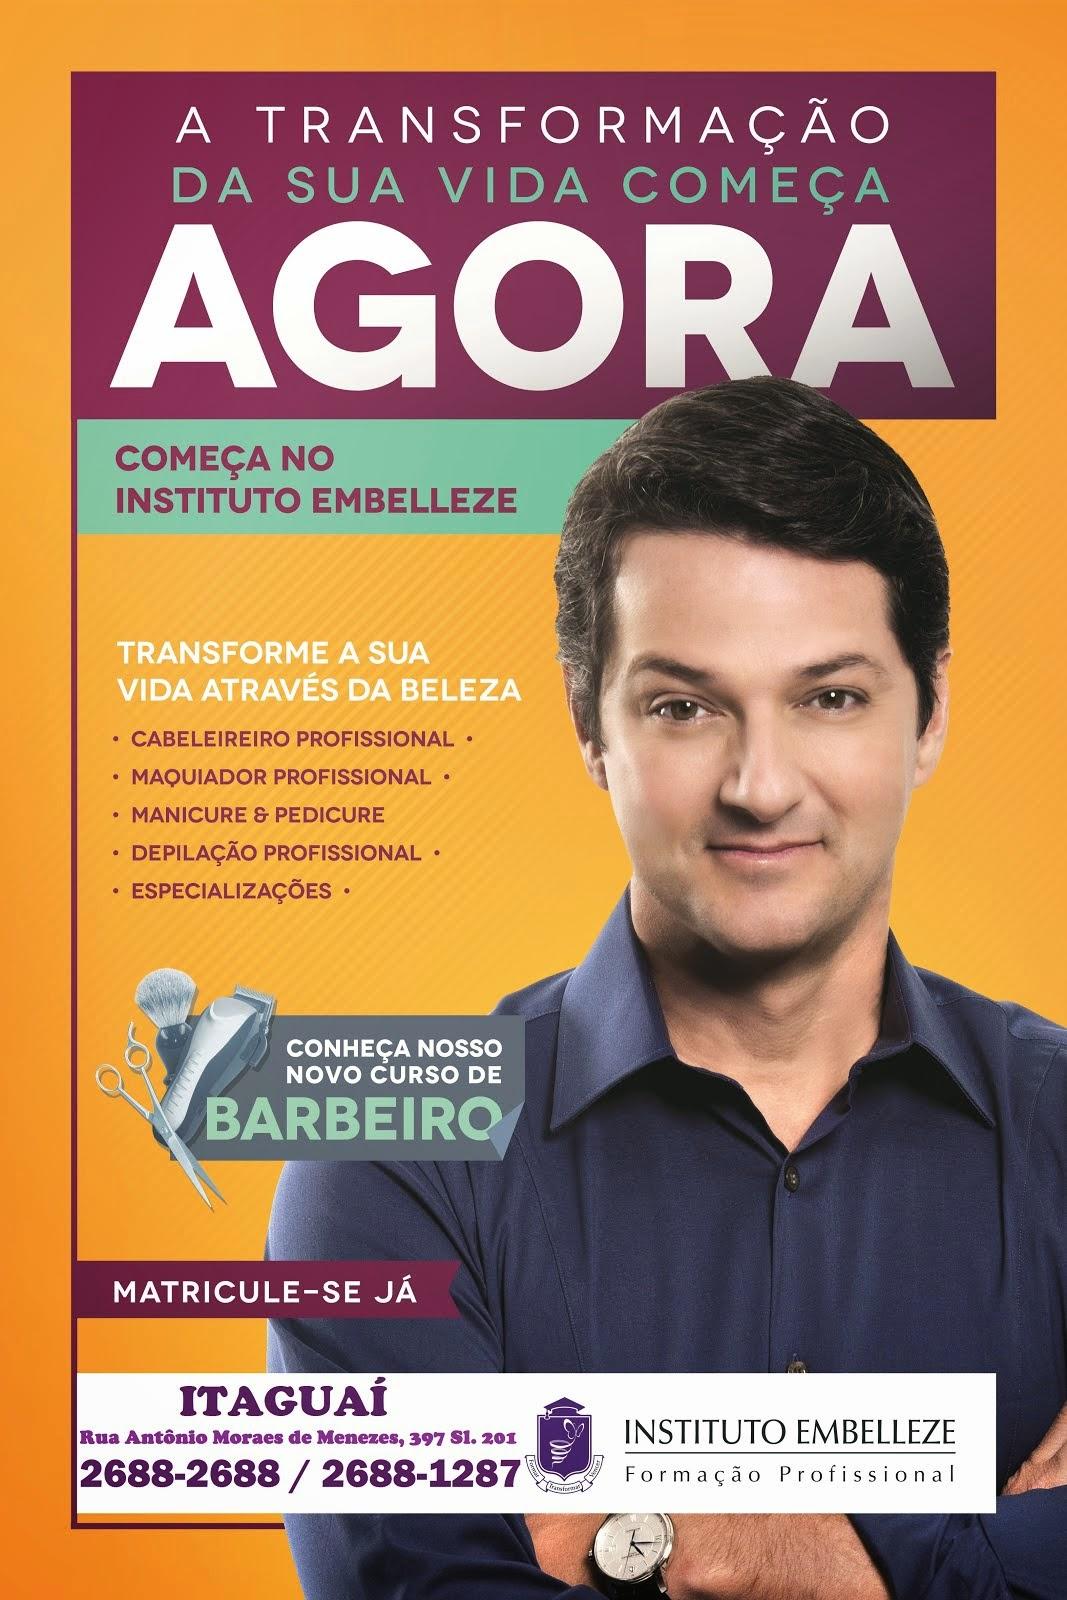 Instituto Embelleze Itaguaí - A TRANSFORMAÇÃO DA SUA VIDA COMEÇA AGORA Tel: 2688-2688